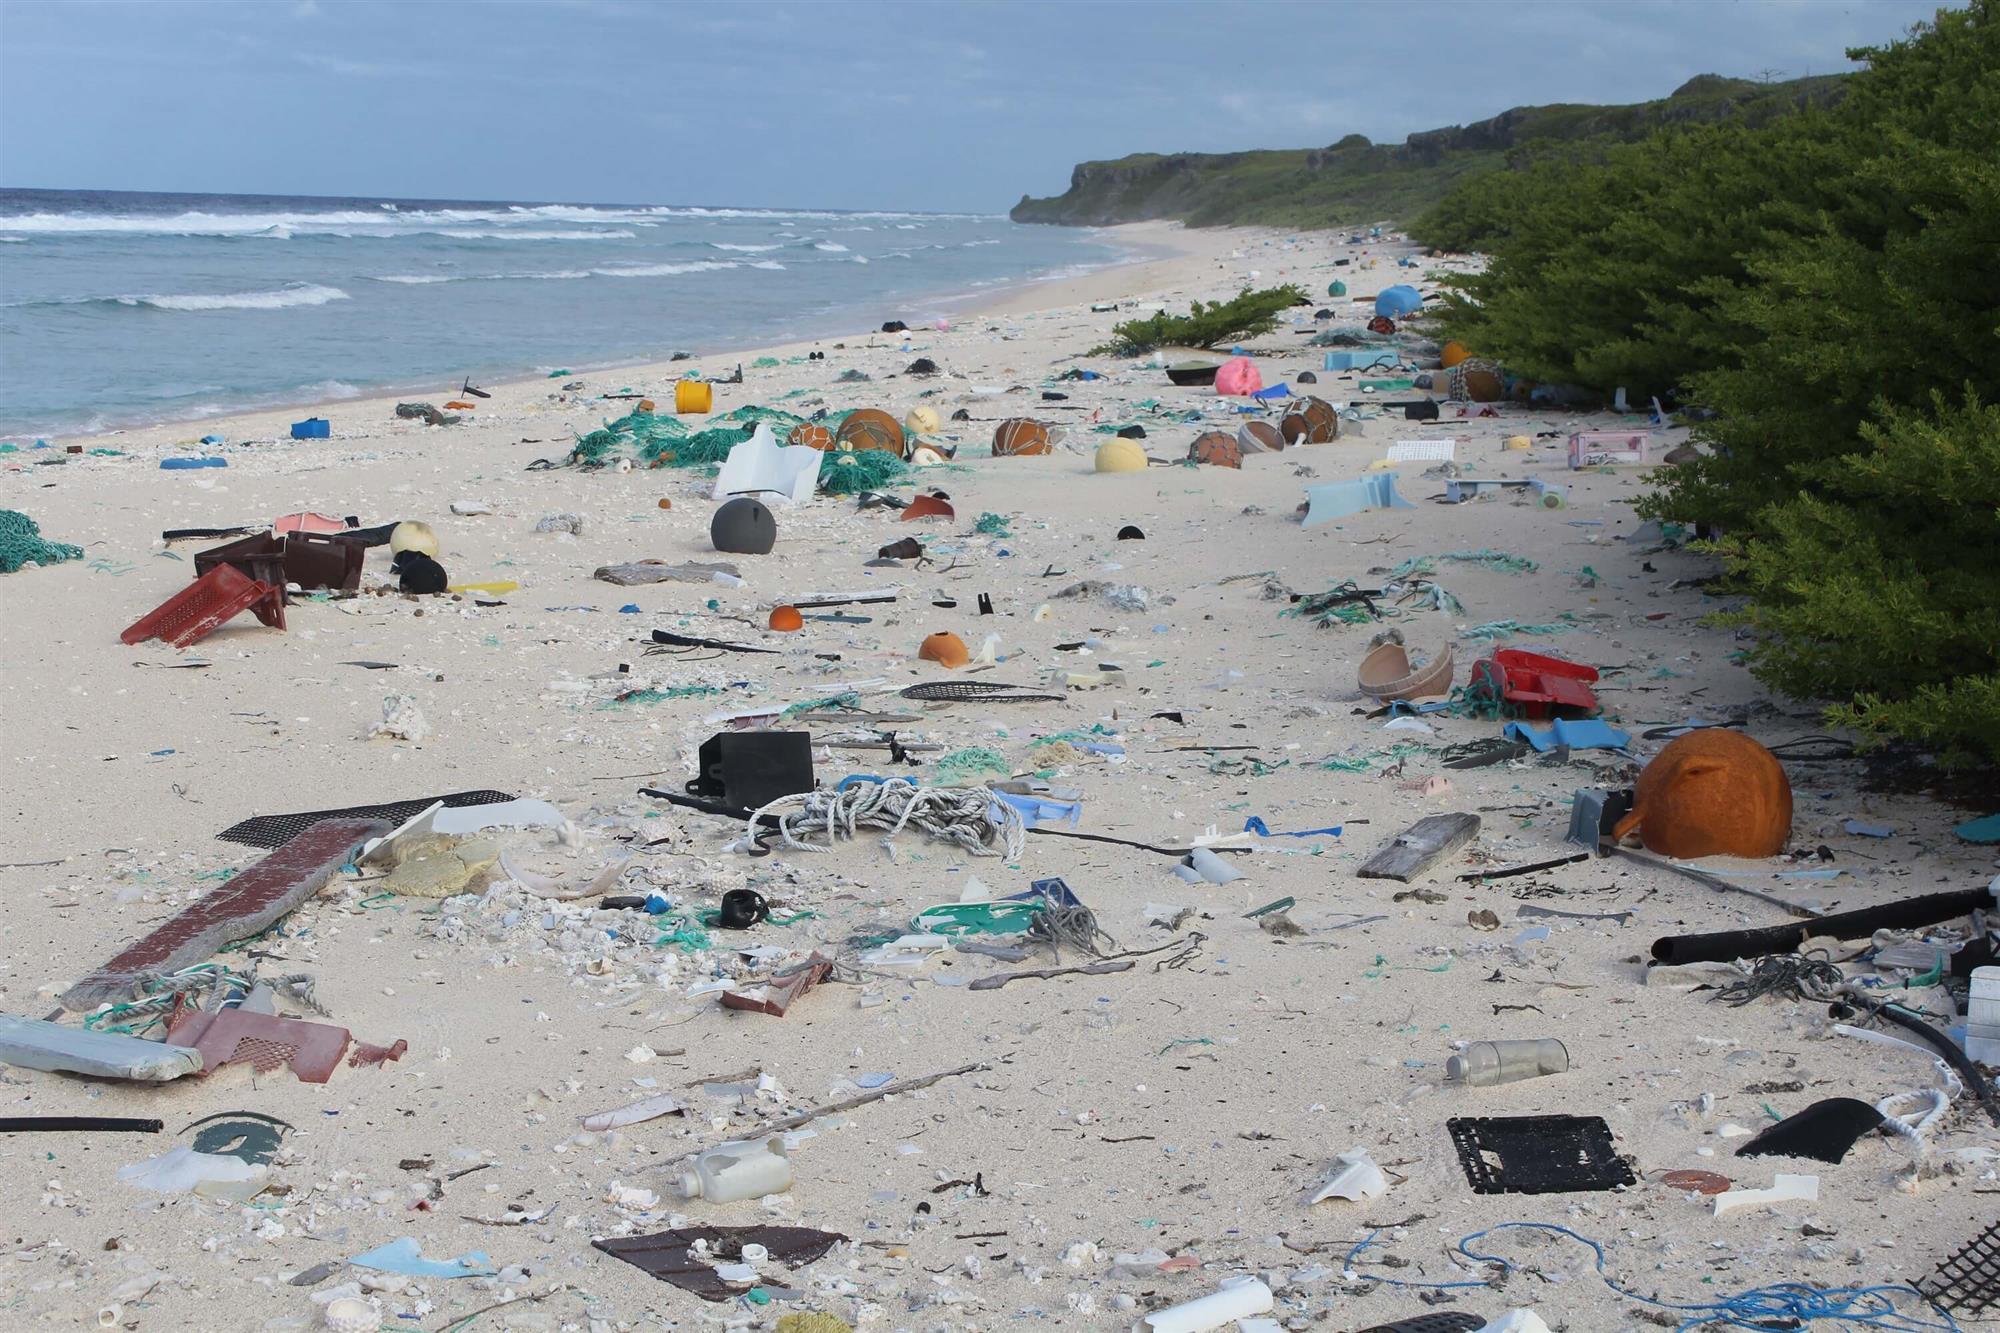 Aquí se encuentra la mayor densidad de desechos plásticos del planeta